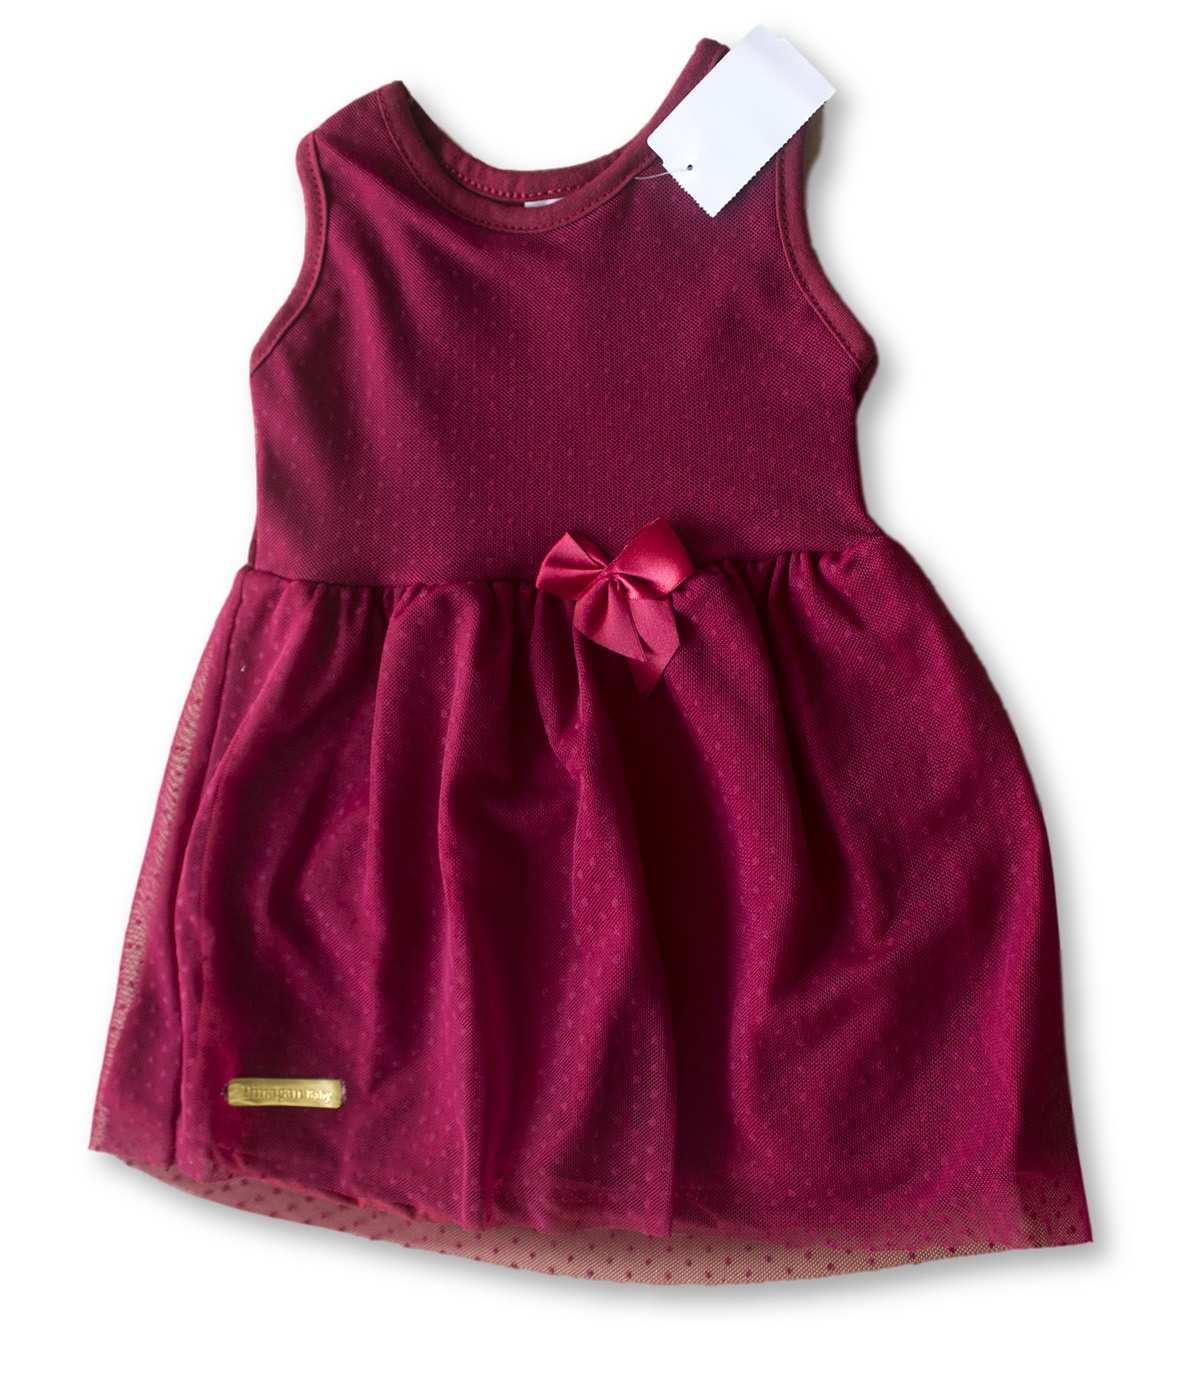 Vestido Bebê Recém Nascido Feminino Menina Cod 9105